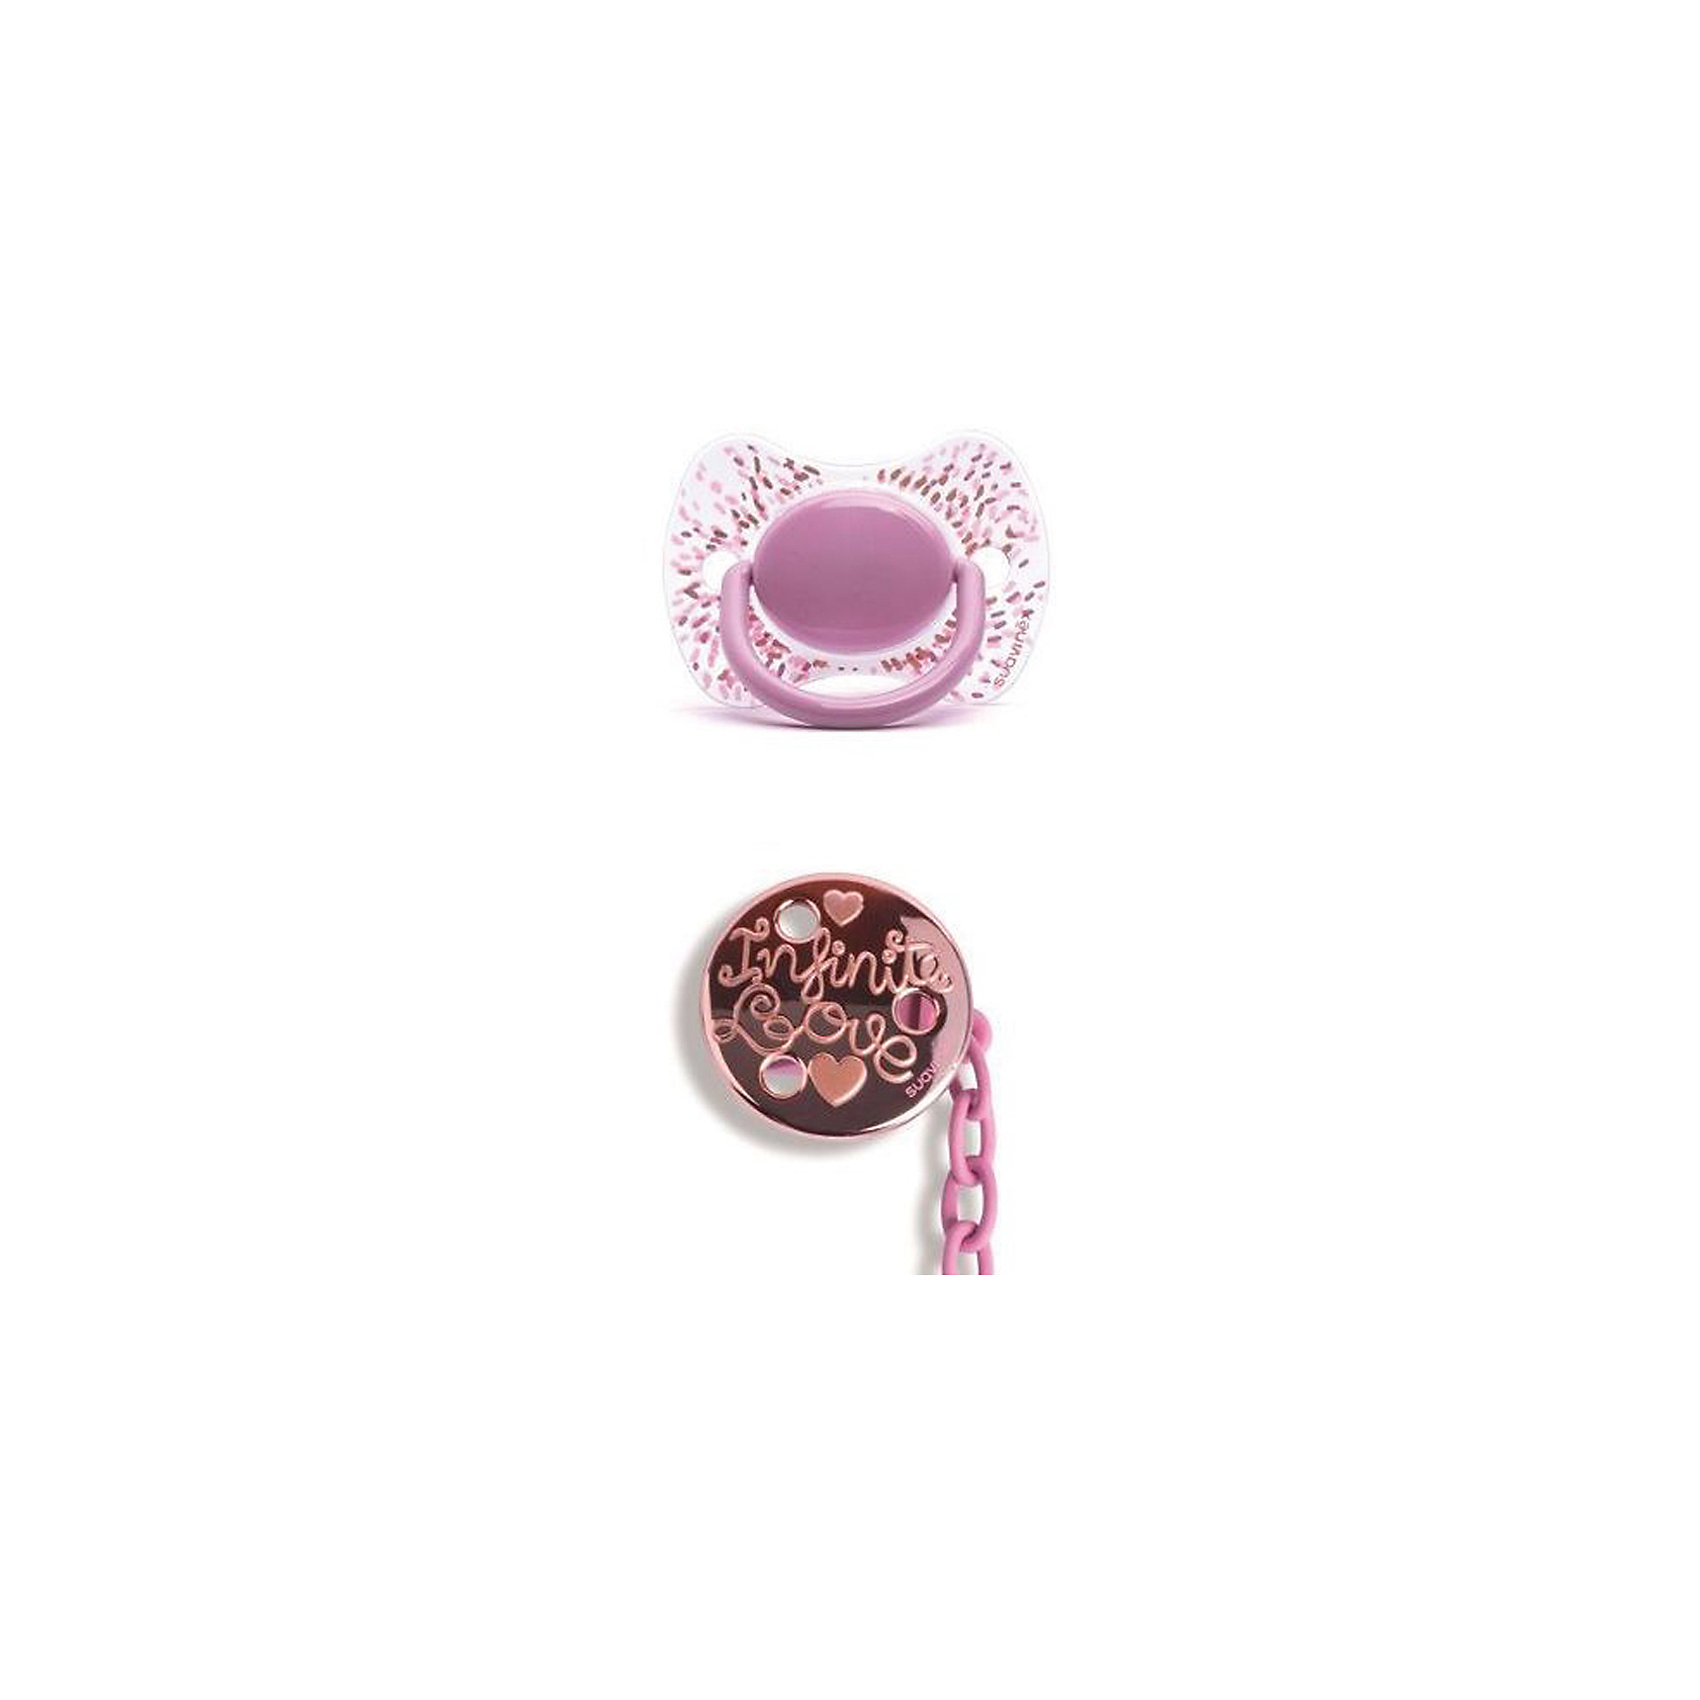 Набор пустышка+держатель от 4 мес Haute Couture, Suavinex, розовый пуантилизмПустышки и аксессуары<br>Характеристики:<br><br>• Наименование: пустышка и держатель<br>• Рекомендуемый возраст: от 4 месяцев<br>• Пол: для девочки<br>• Материал: силикон, пластик<br>• Цвет: розовый, белый, золотистый<br>• Рисунок: пуанты, сердечки<br>• Форма пустышки: физиологическая<br>• Наличие вентиляционных отверстий <br>• Кольцо для держателя<br>• Комплектация: пустышка, держатель для пустышки<br>• С эффектом позолоты<br>• Вес: 62 г<br>• Параметры (Д*Ш*В): 6,1*6,1*16 см <br>• Особенности ухода: можно мыть в теплой воде, регулярная стерилизация <br><br>Набор пустышка+держатель от 4 мес Haute Couture, Suavinex, розовый пуантилизм изготовлена испанским торговым брендом, специализирующимся на выпуске товаров для кормления и аксессуаров новорожденным и младенцам. Продукция от Suavinex разработана с учетом рекомендаций педиатров и стоматологов, что гарантирует качество и безопасность использованных материалов. <br><br>Пластик, из которого изготовлено изделие, устойчив к появлению царапин и сколов, благодаря чему пустышка длительное время сохраняет свои гигиенические свойства. Форма у соски способствует равномерному распределению давления на небо, что обеспечивает правильное формирование речевого аппарата. <br><br>Пустышка имеет классическую форму, для прикрепления держателя предусмотрено кольцо. В наборе предусмотрен держатель для пустышки, выполненный в виде цепочки на круглой прищепке. Набор выполнен в брендовом дизайне, с изображением пуантов и сердечек. Рисунок с эффектом позолоты нанесен по инновационной технологии, которая обеспечивает стойкость рисунка даже при длительном использовании и частой стерилизации.<br><br>Набор пустышка+держатель от 4 мес Haute Couture, Suavinex, розовый пуантилизм можно купить в нашем интернет-магазине.<br><br>Ширина мм: 61<br>Глубина мм: 61<br>Высота мм: 160<br>Вес г: 62<br>Возраст от месяцев: 4<br>Возраст до месяцев: 24<br>Пол: Женский<br>Возраст: Детски